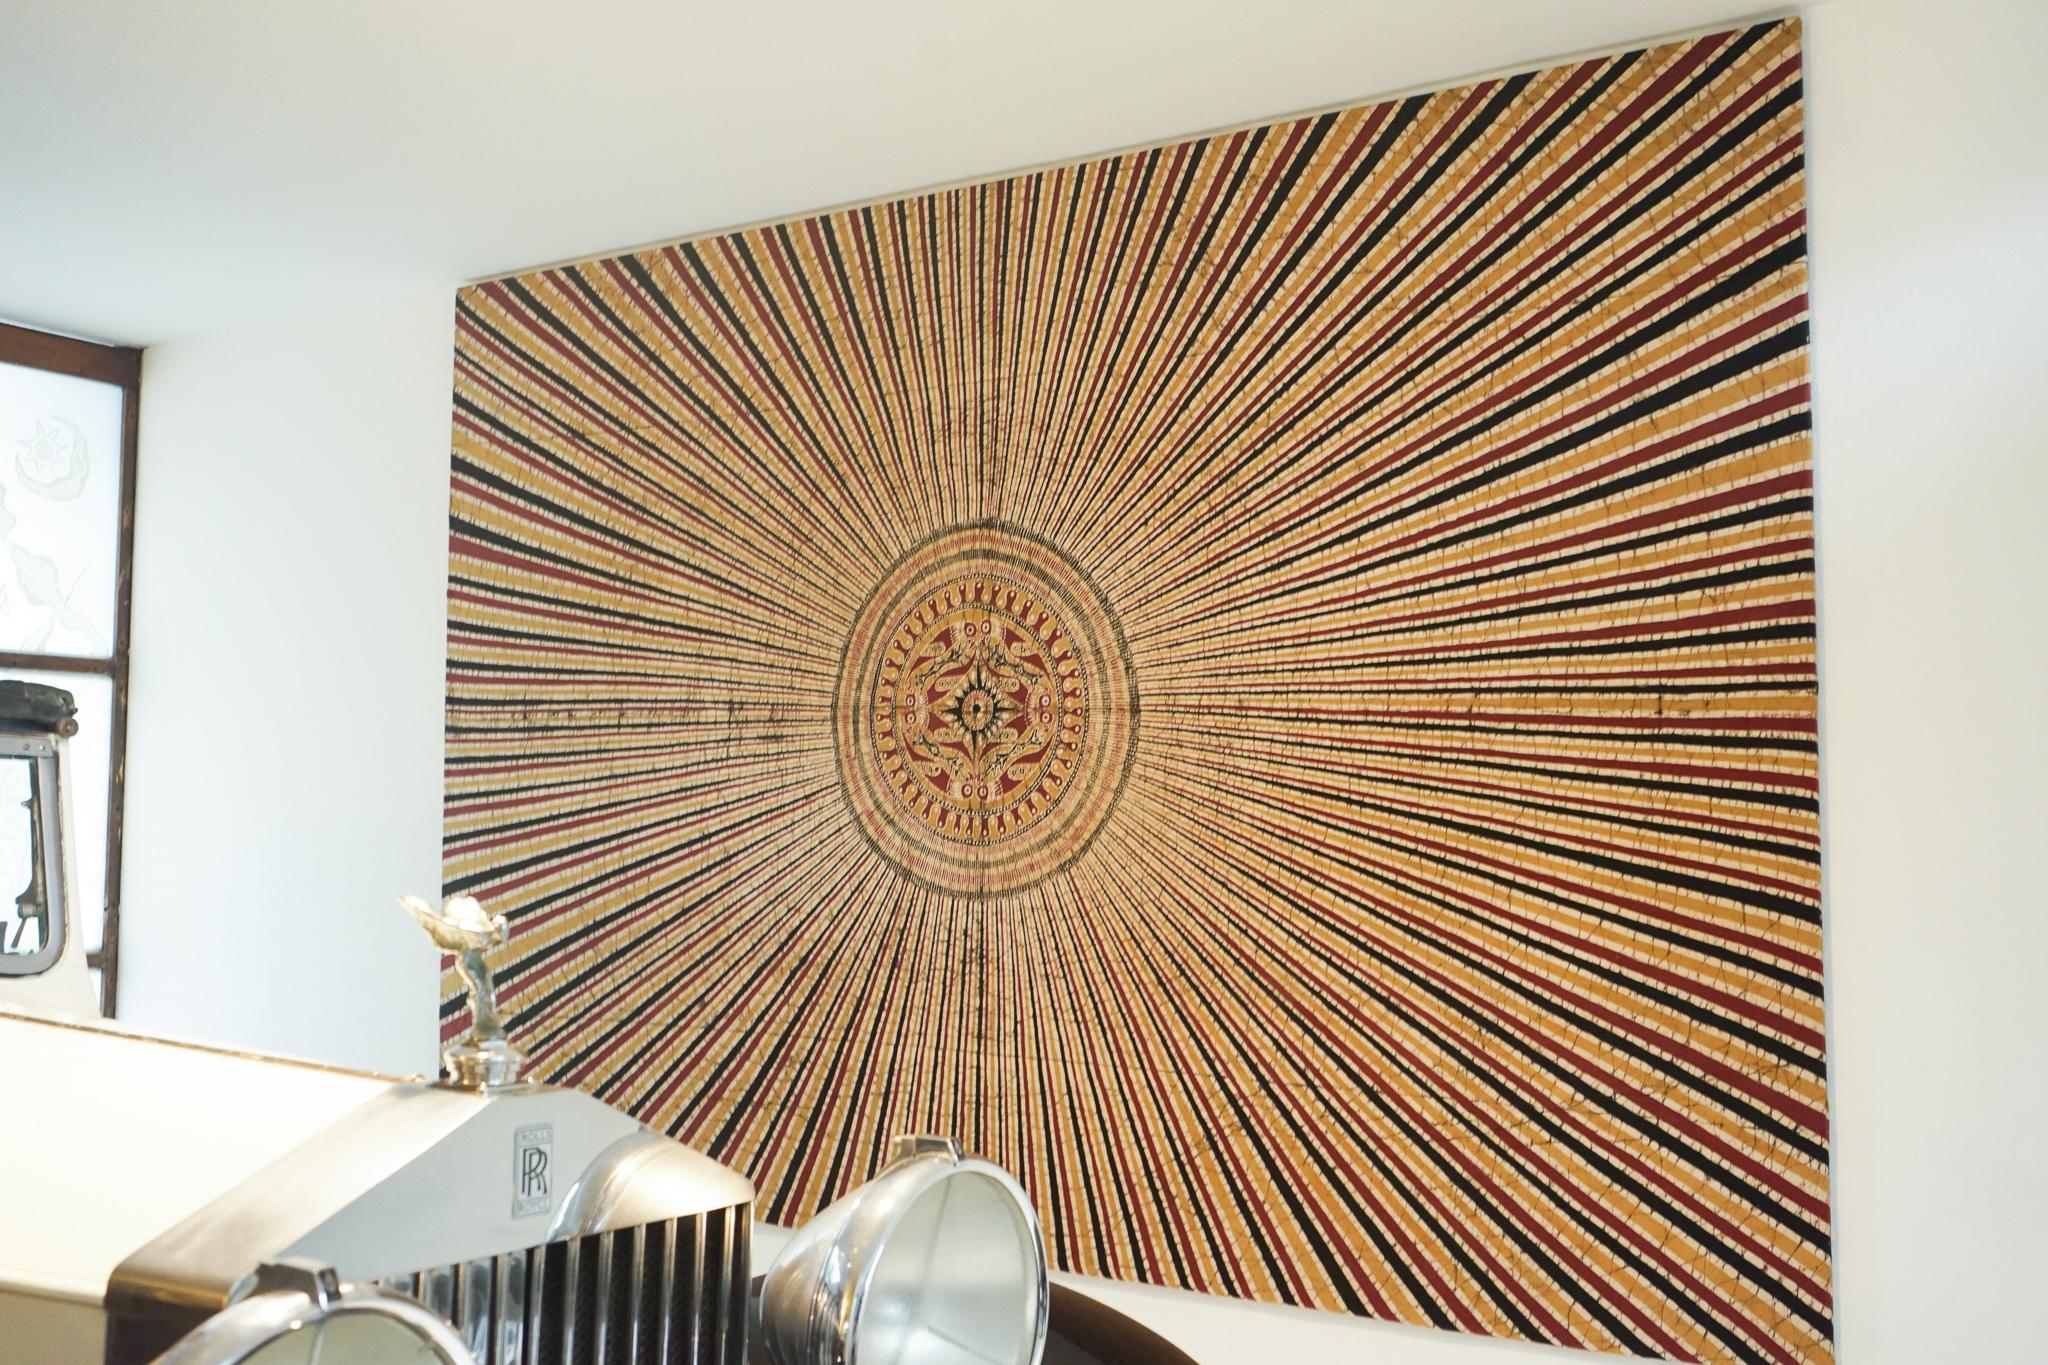 Bawa house: Ena de Silva batik tapestry